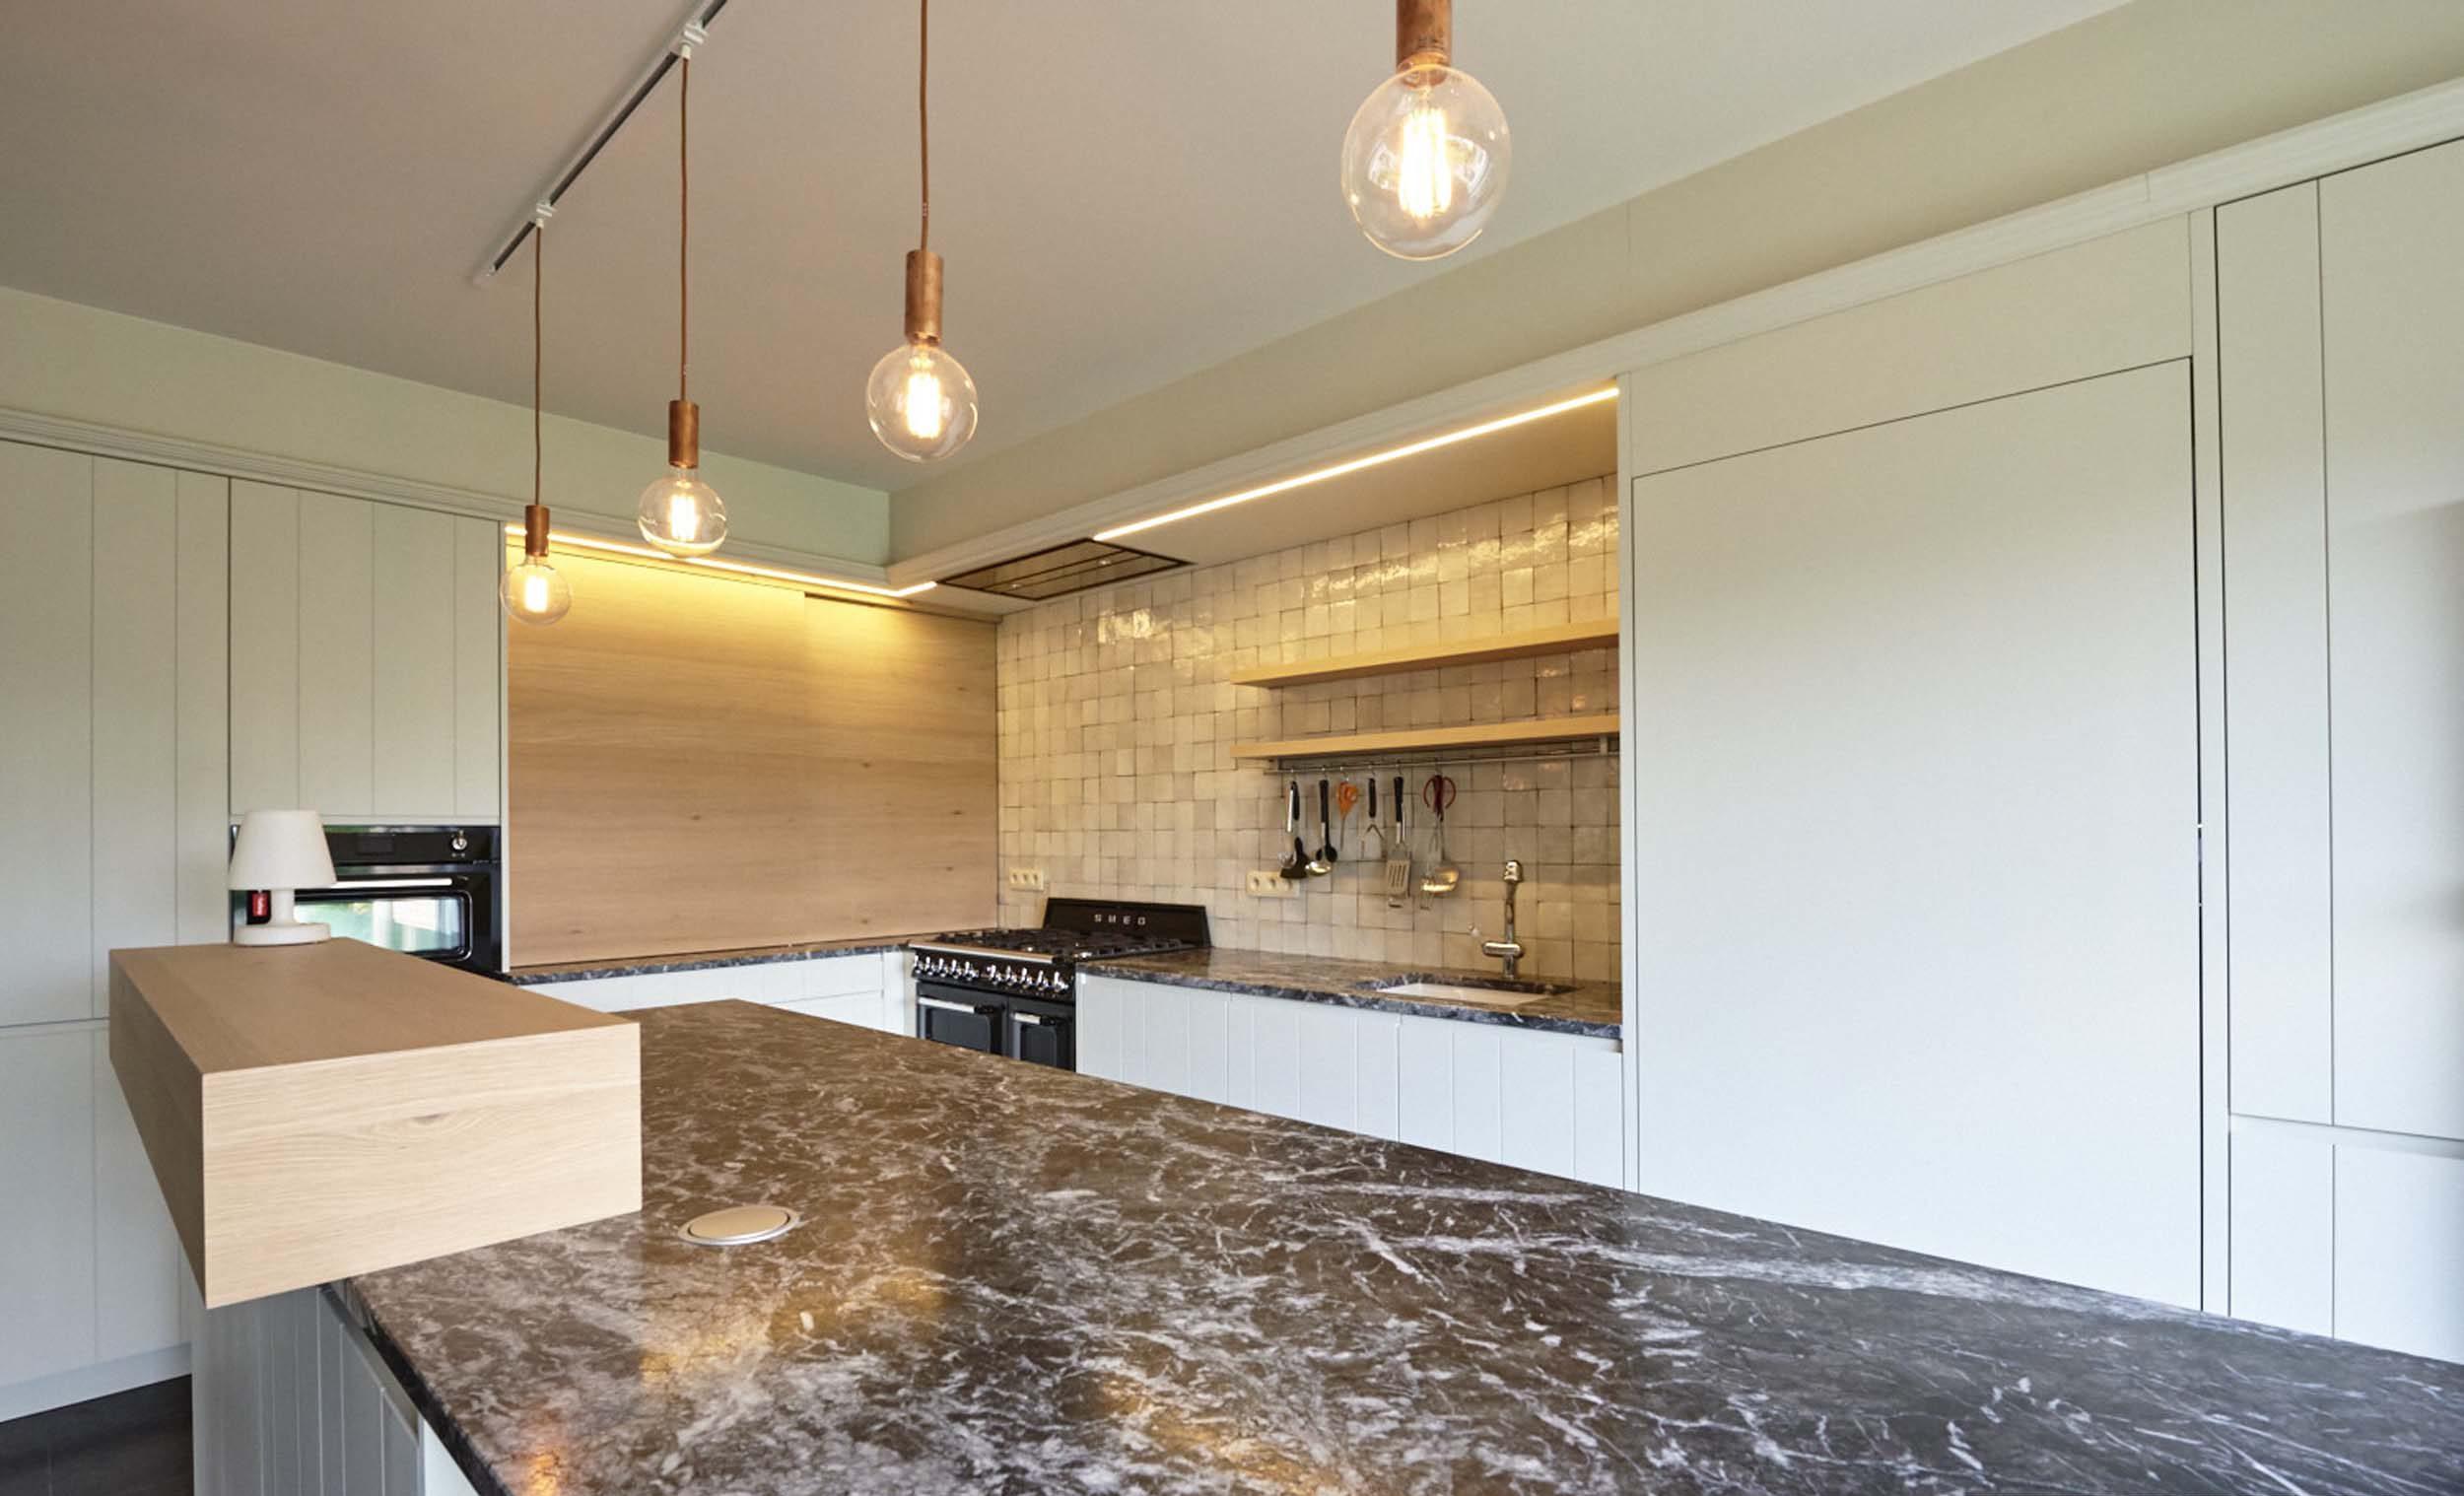 Vanda-projects-interieurinrichting-meubelmakerij-oost-vlaanderen-dumoulin-keukeneiland